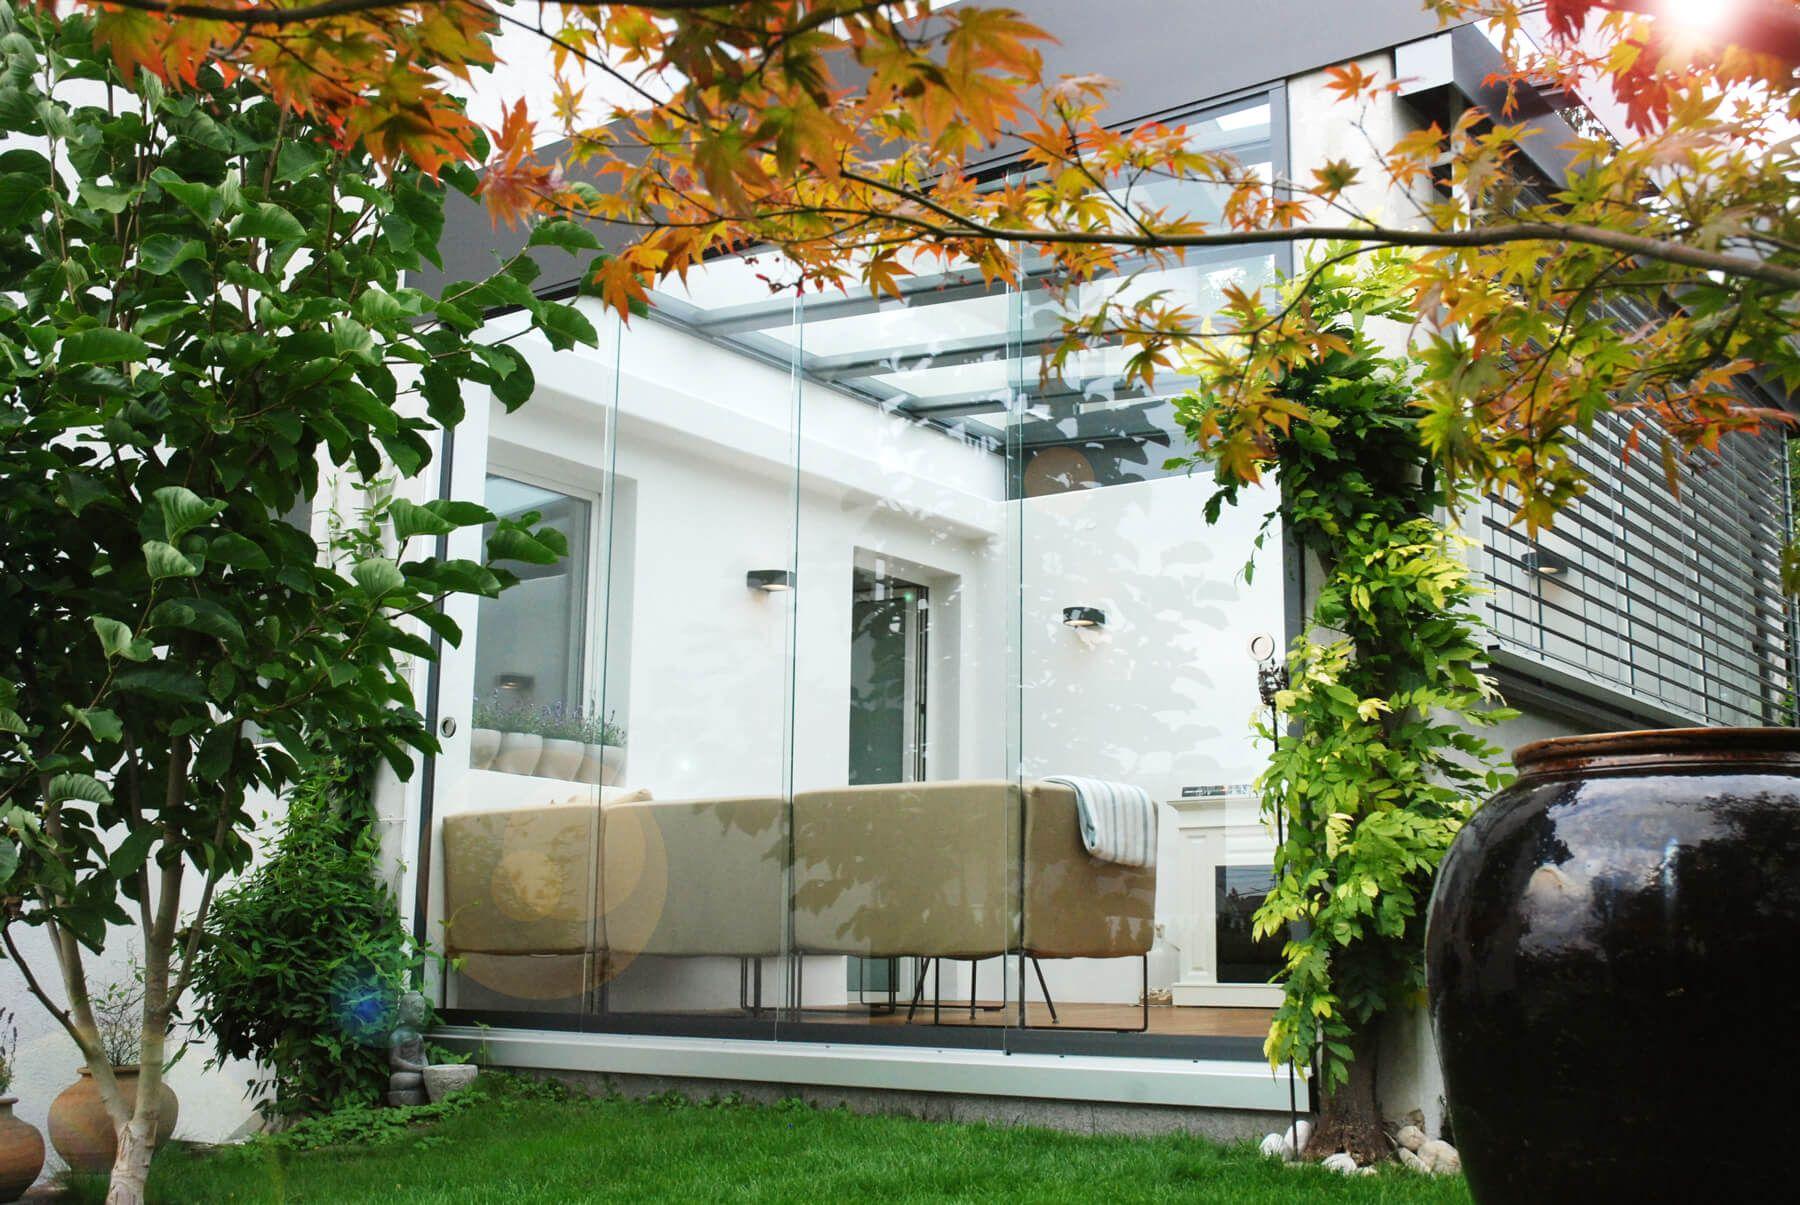 Einzigartig Wintergarten Einrichtung Sammlung Von Schöner Sommergarten In Leonding #sommergarten #wintergarten #einrichtung